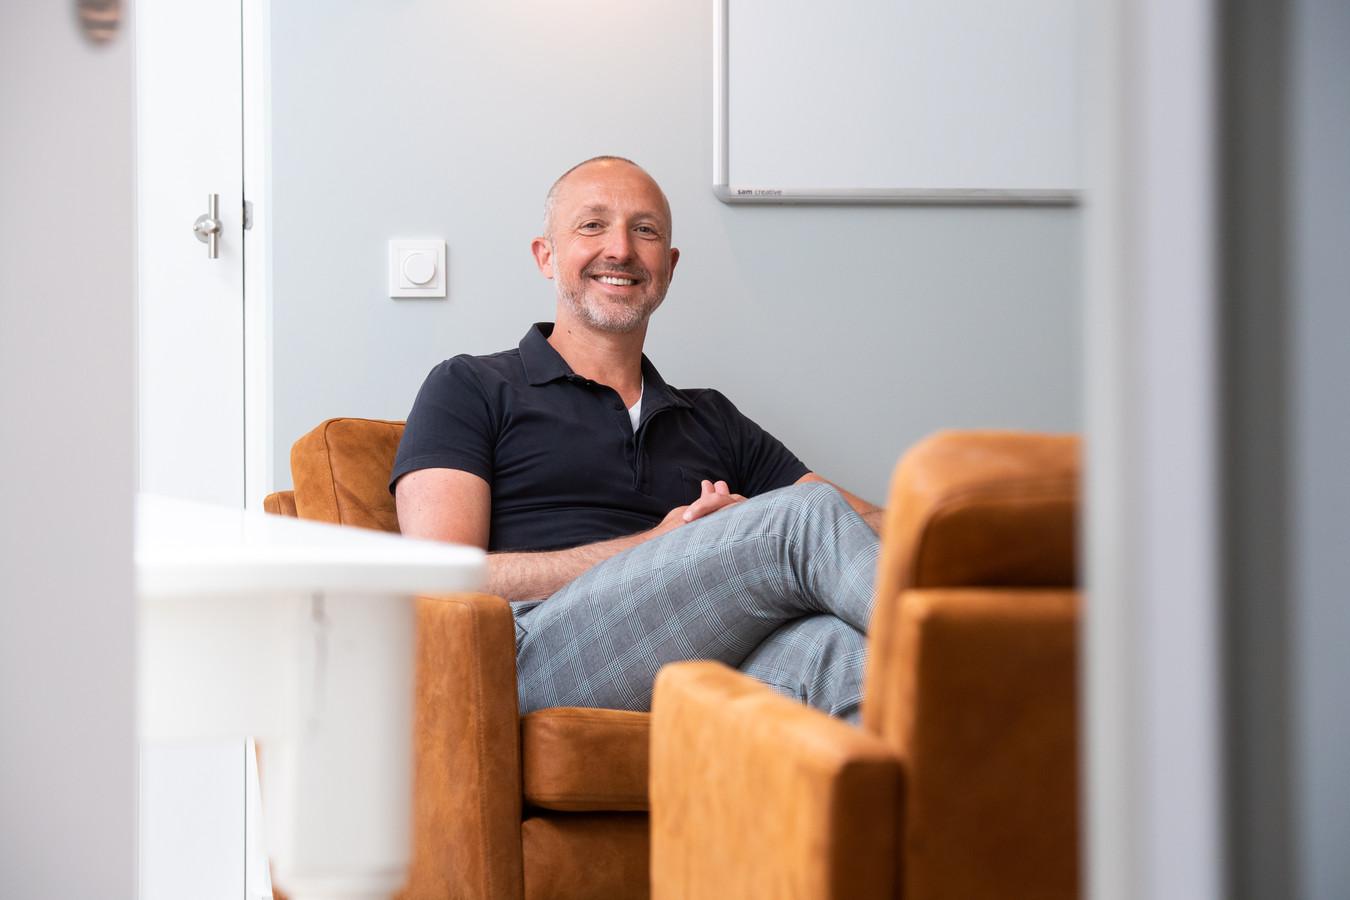 """Kees Coremans is GZ-psycholoog in Breda: ,,Onze maatschappij bestaat uit extreme mogelijkheden. Er is continu een kans om te vluchten in bijvoorbeeld sociale media, televisie of horeca. Deze lockdown biedt een kans om bewuster te ervaren wat meer rust met je doet."""""""